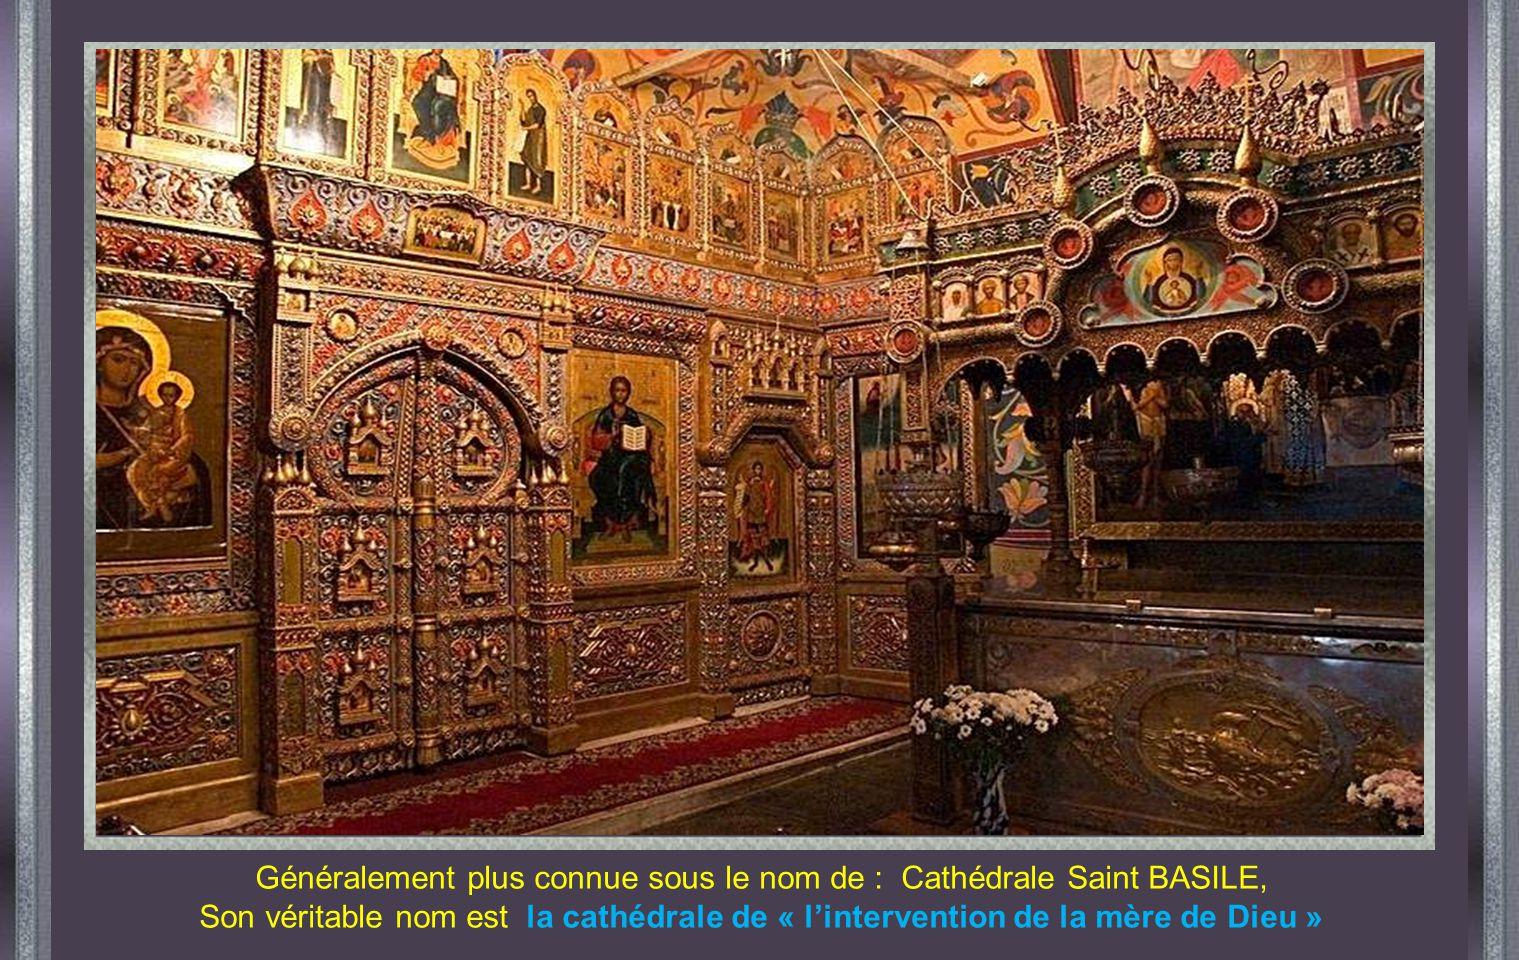 Généralement plus connue sous le nom de : Cathédrale Saint BASILE,